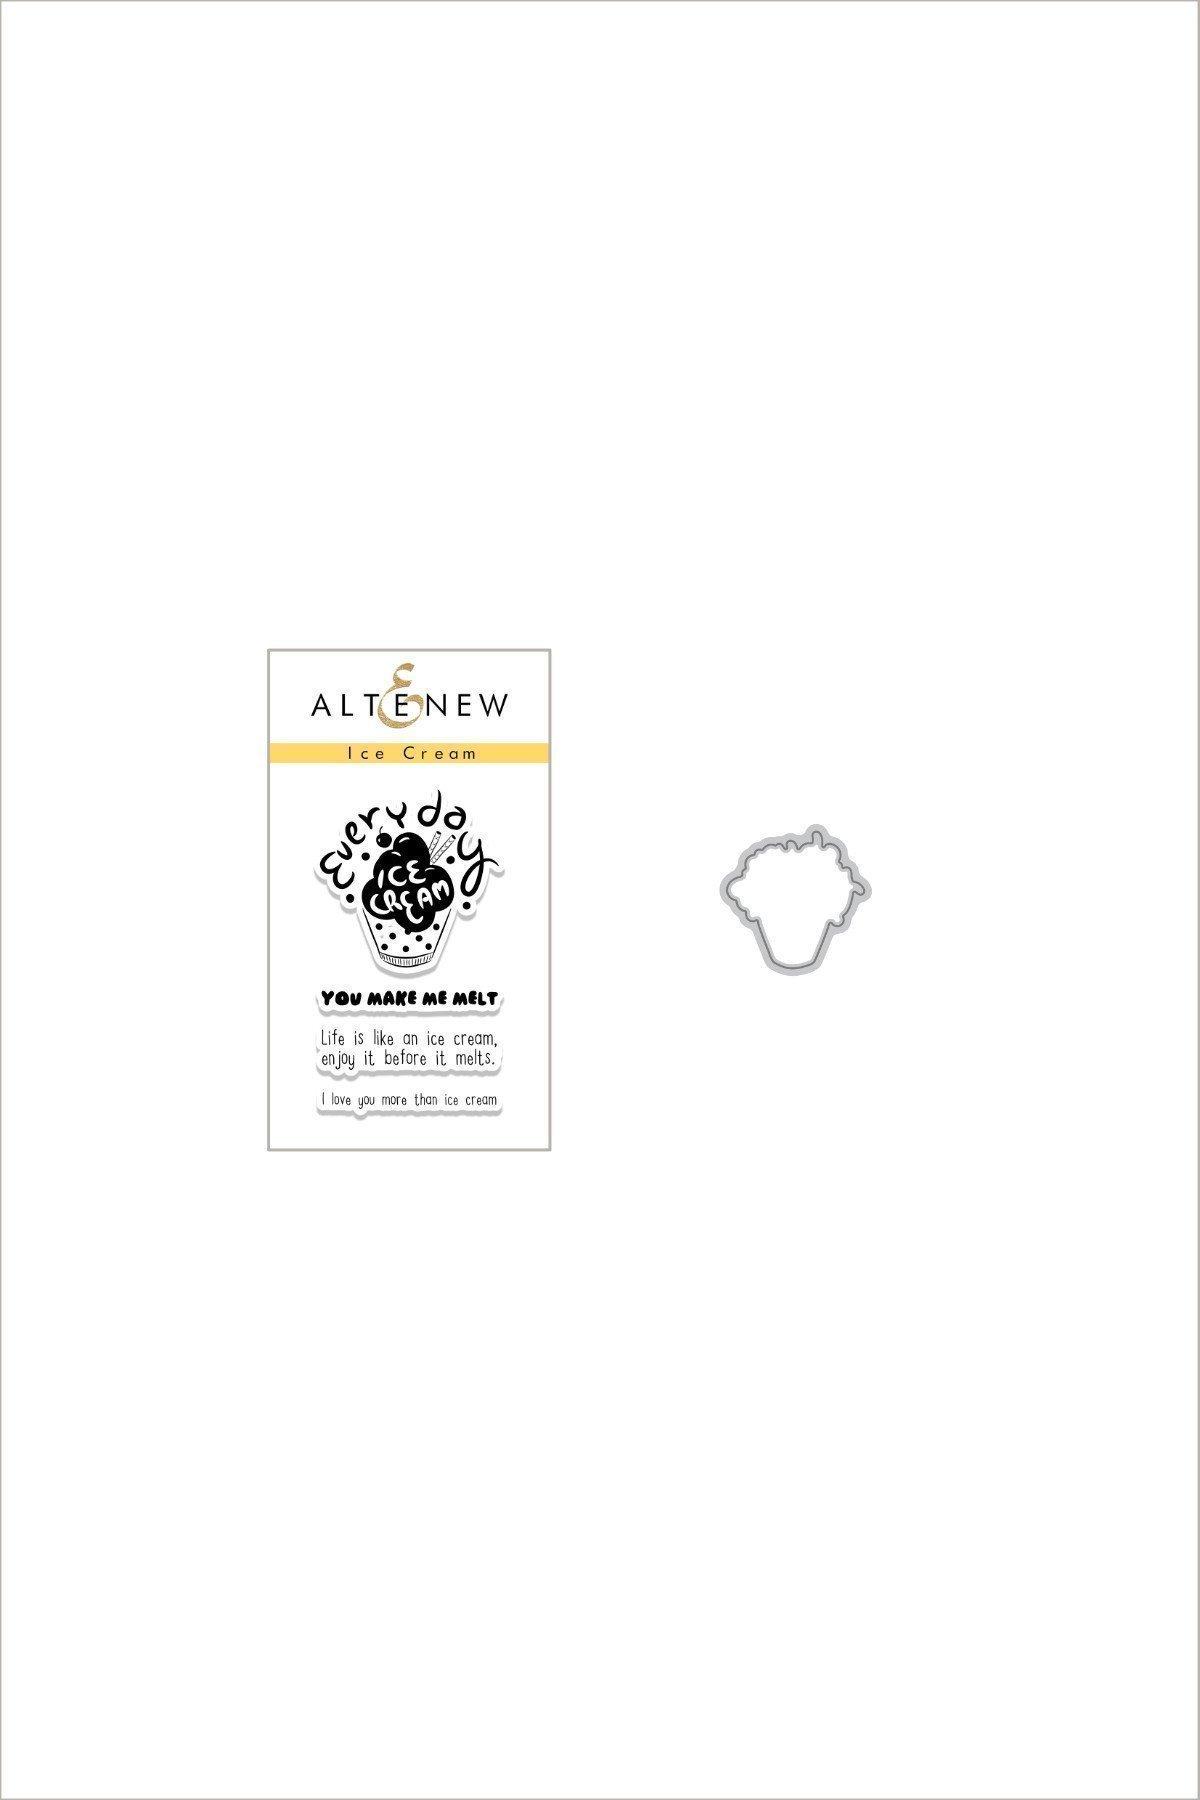 Altenew - Ice Cream Stamp & Die Bundle